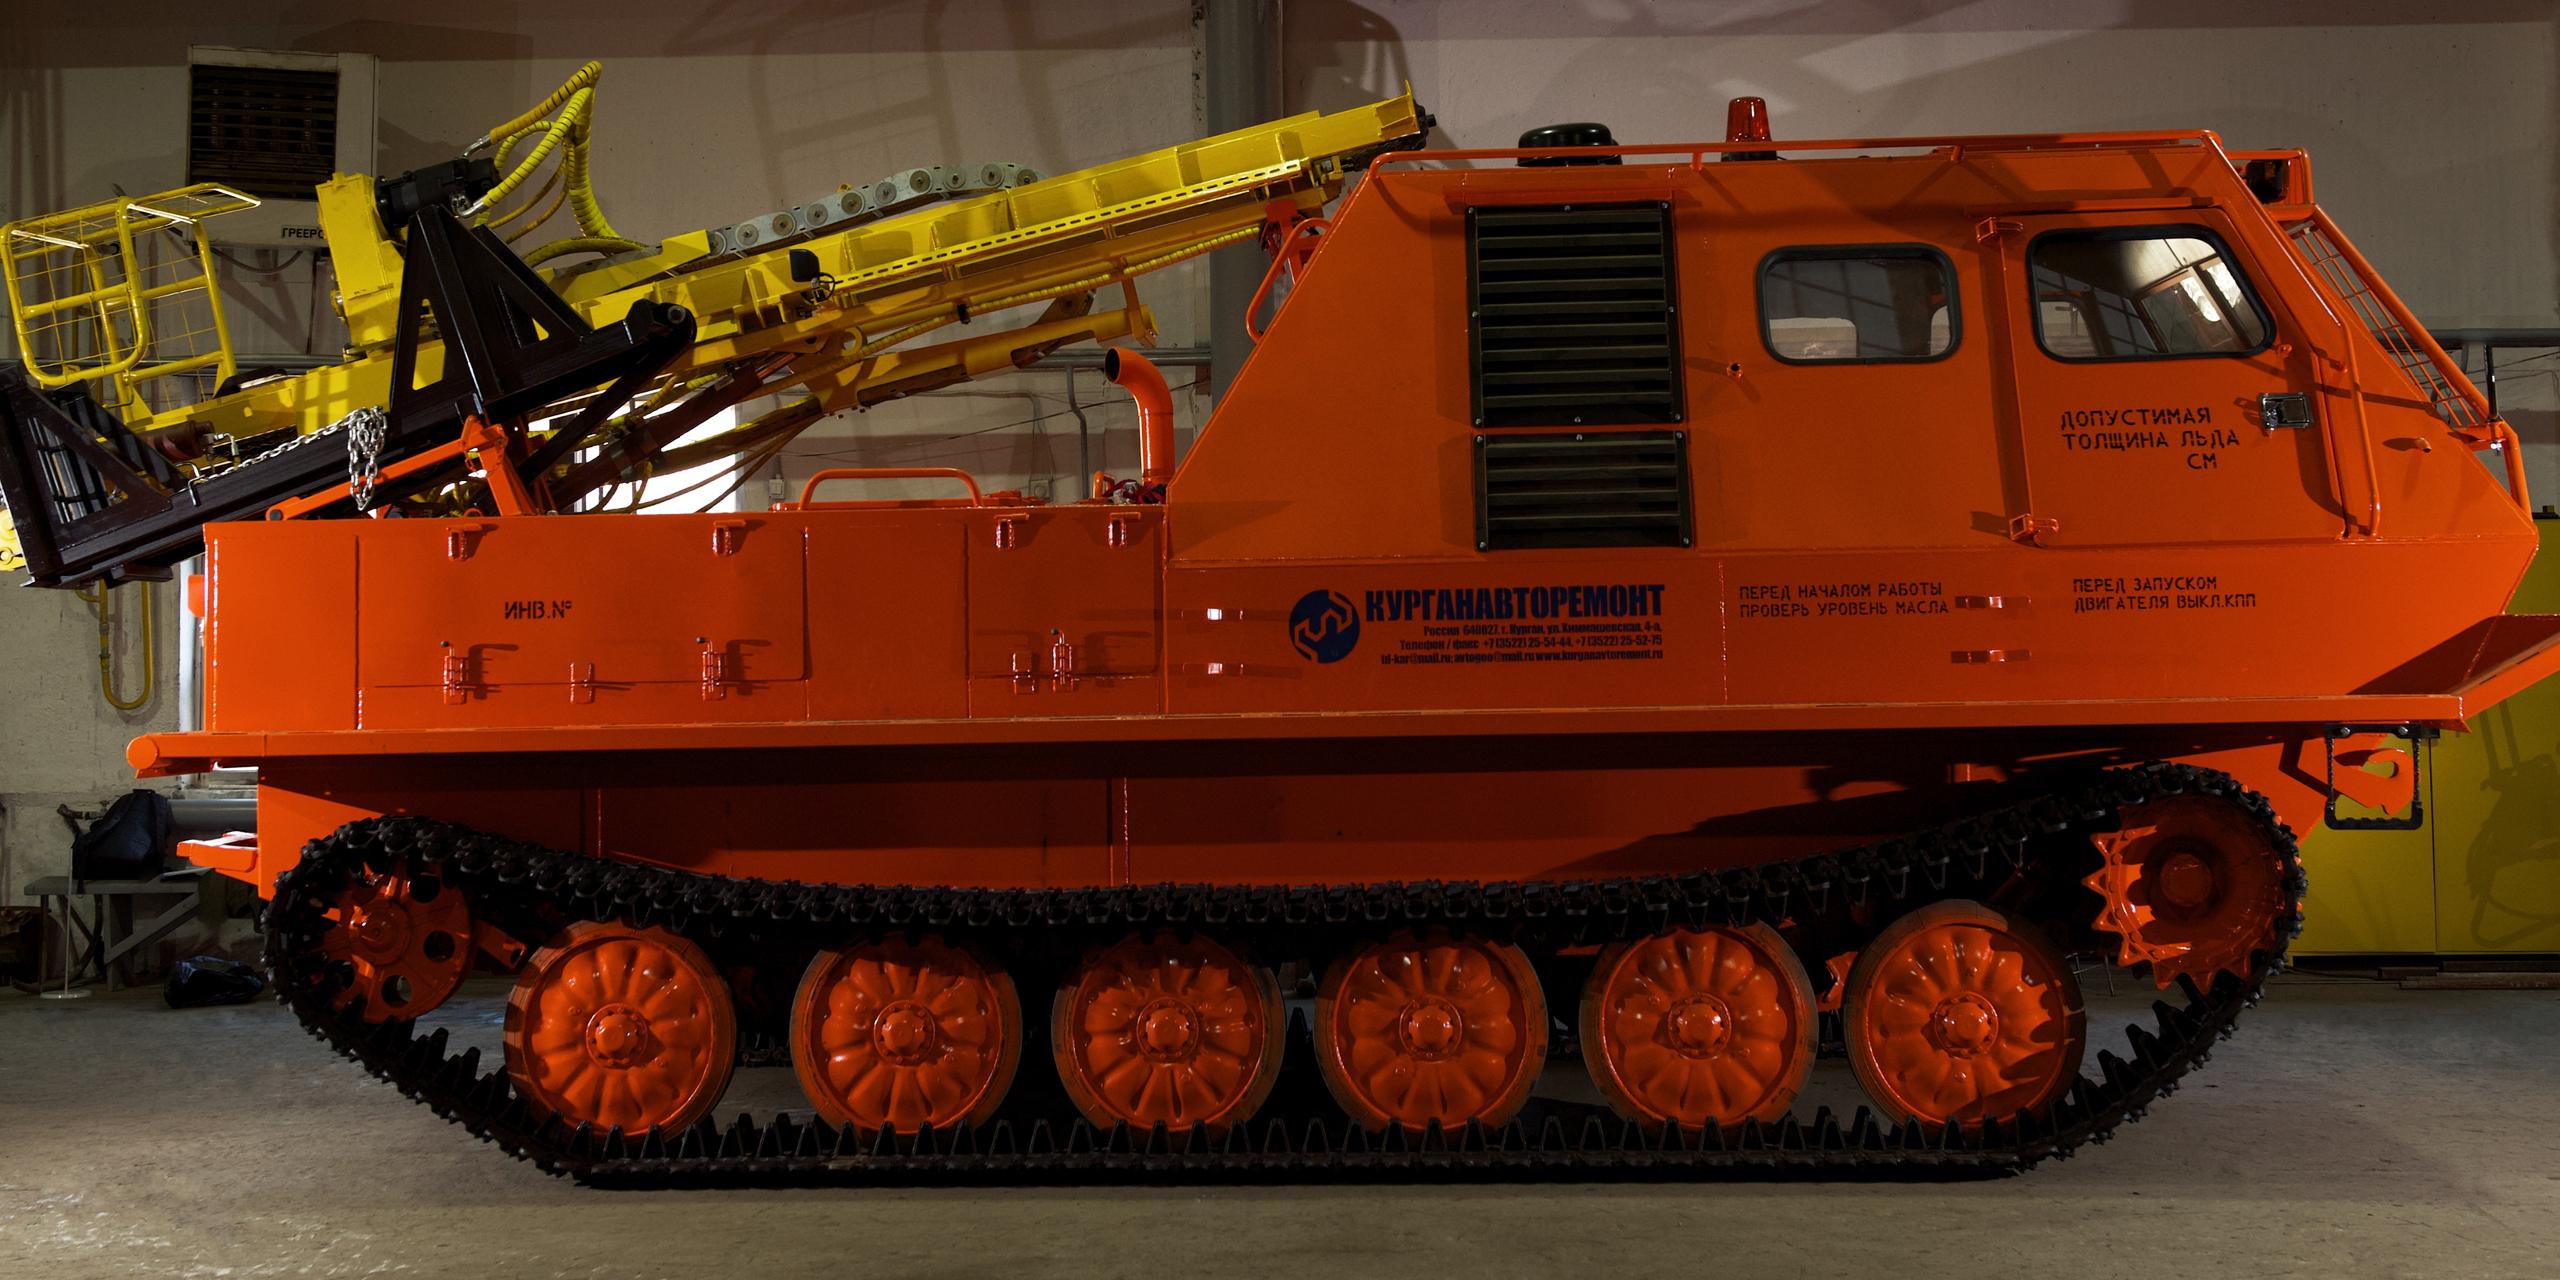 Установка буровая гидромеханизированная УБГМ-1А с продувкой на базе многоцелевого снегоболотохода КТМ-12В